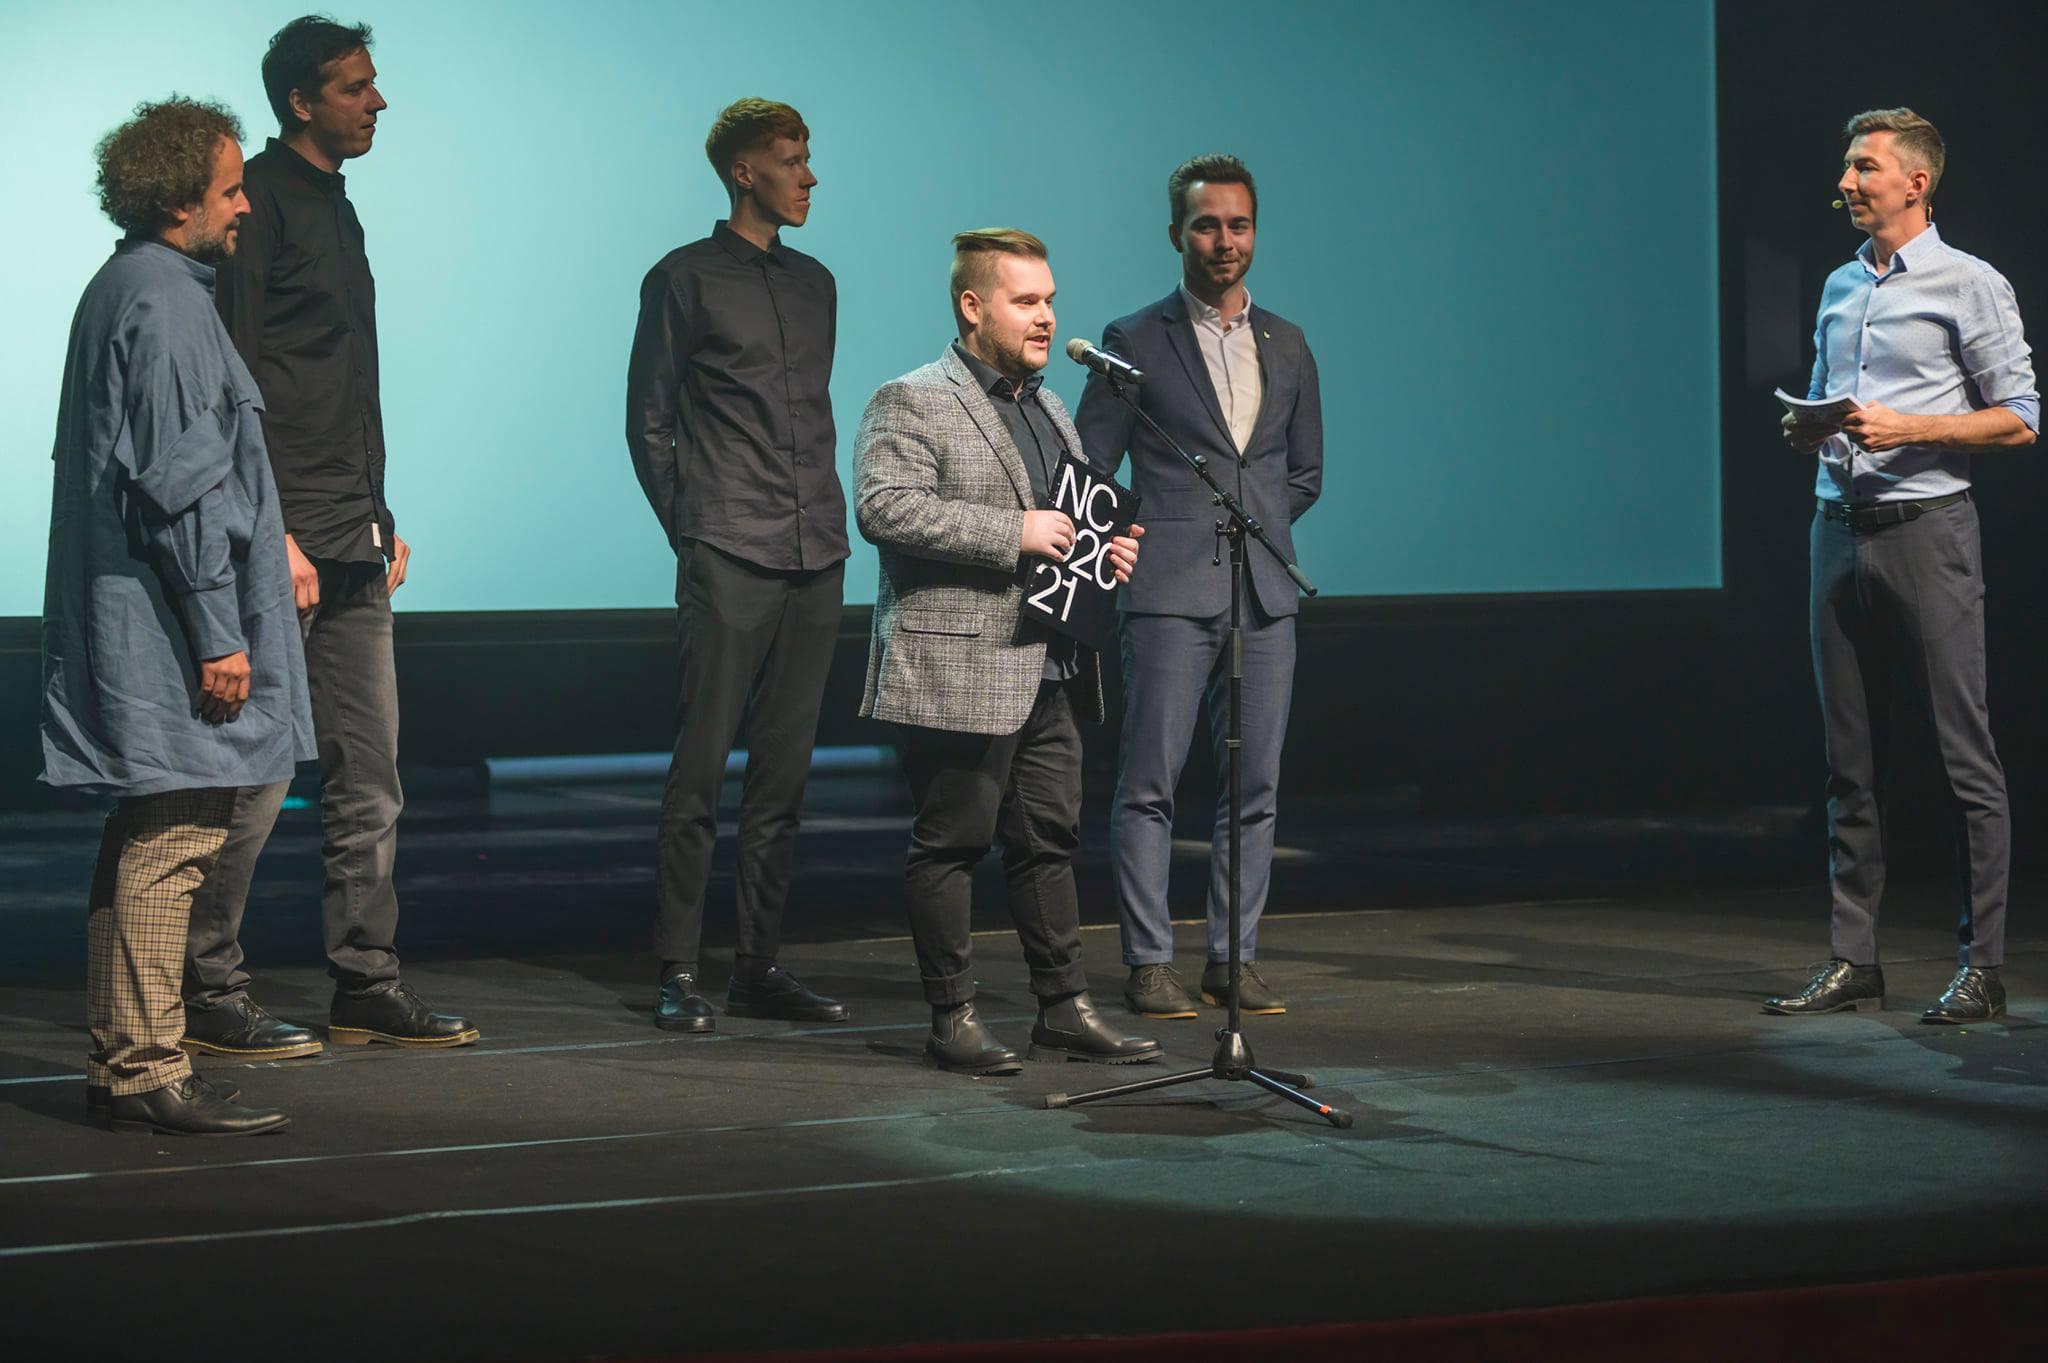 Slovak National Design award winner - WERKEMOTION design team